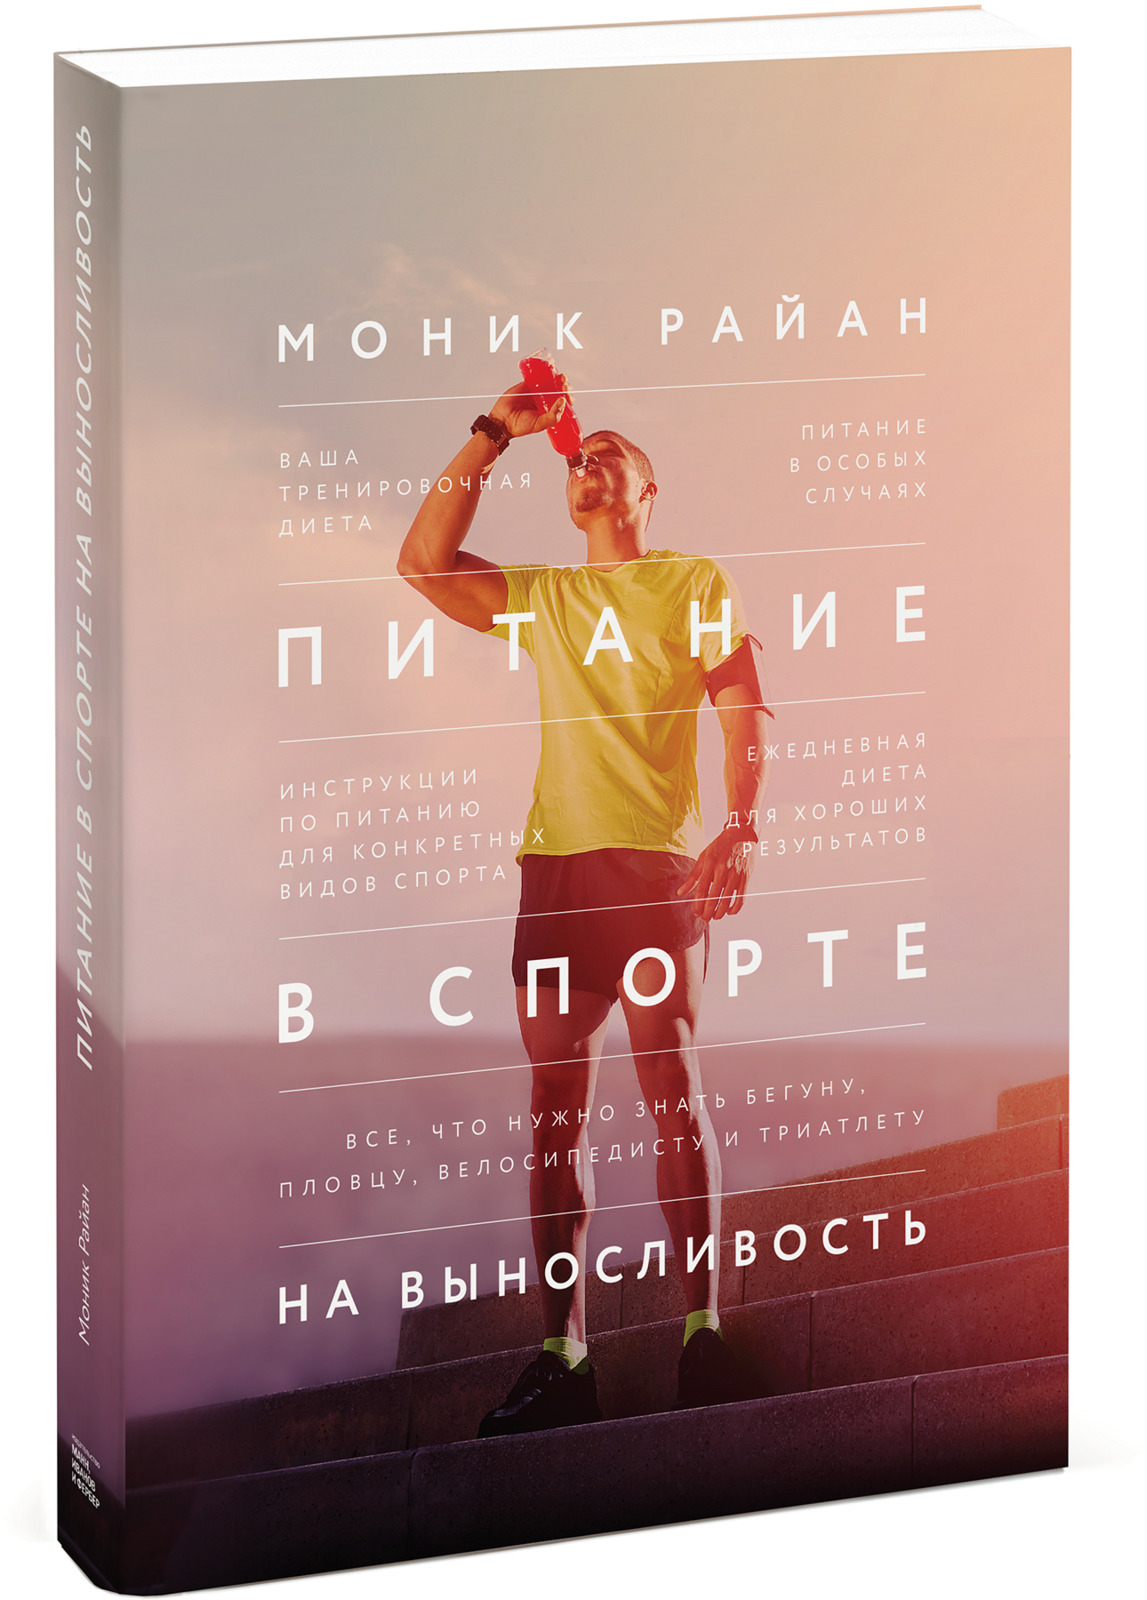 Райан Моник Питание в спорте на выносливость. Все, что нужно знать бегуну, пловцу, велосипедисту и триатлету